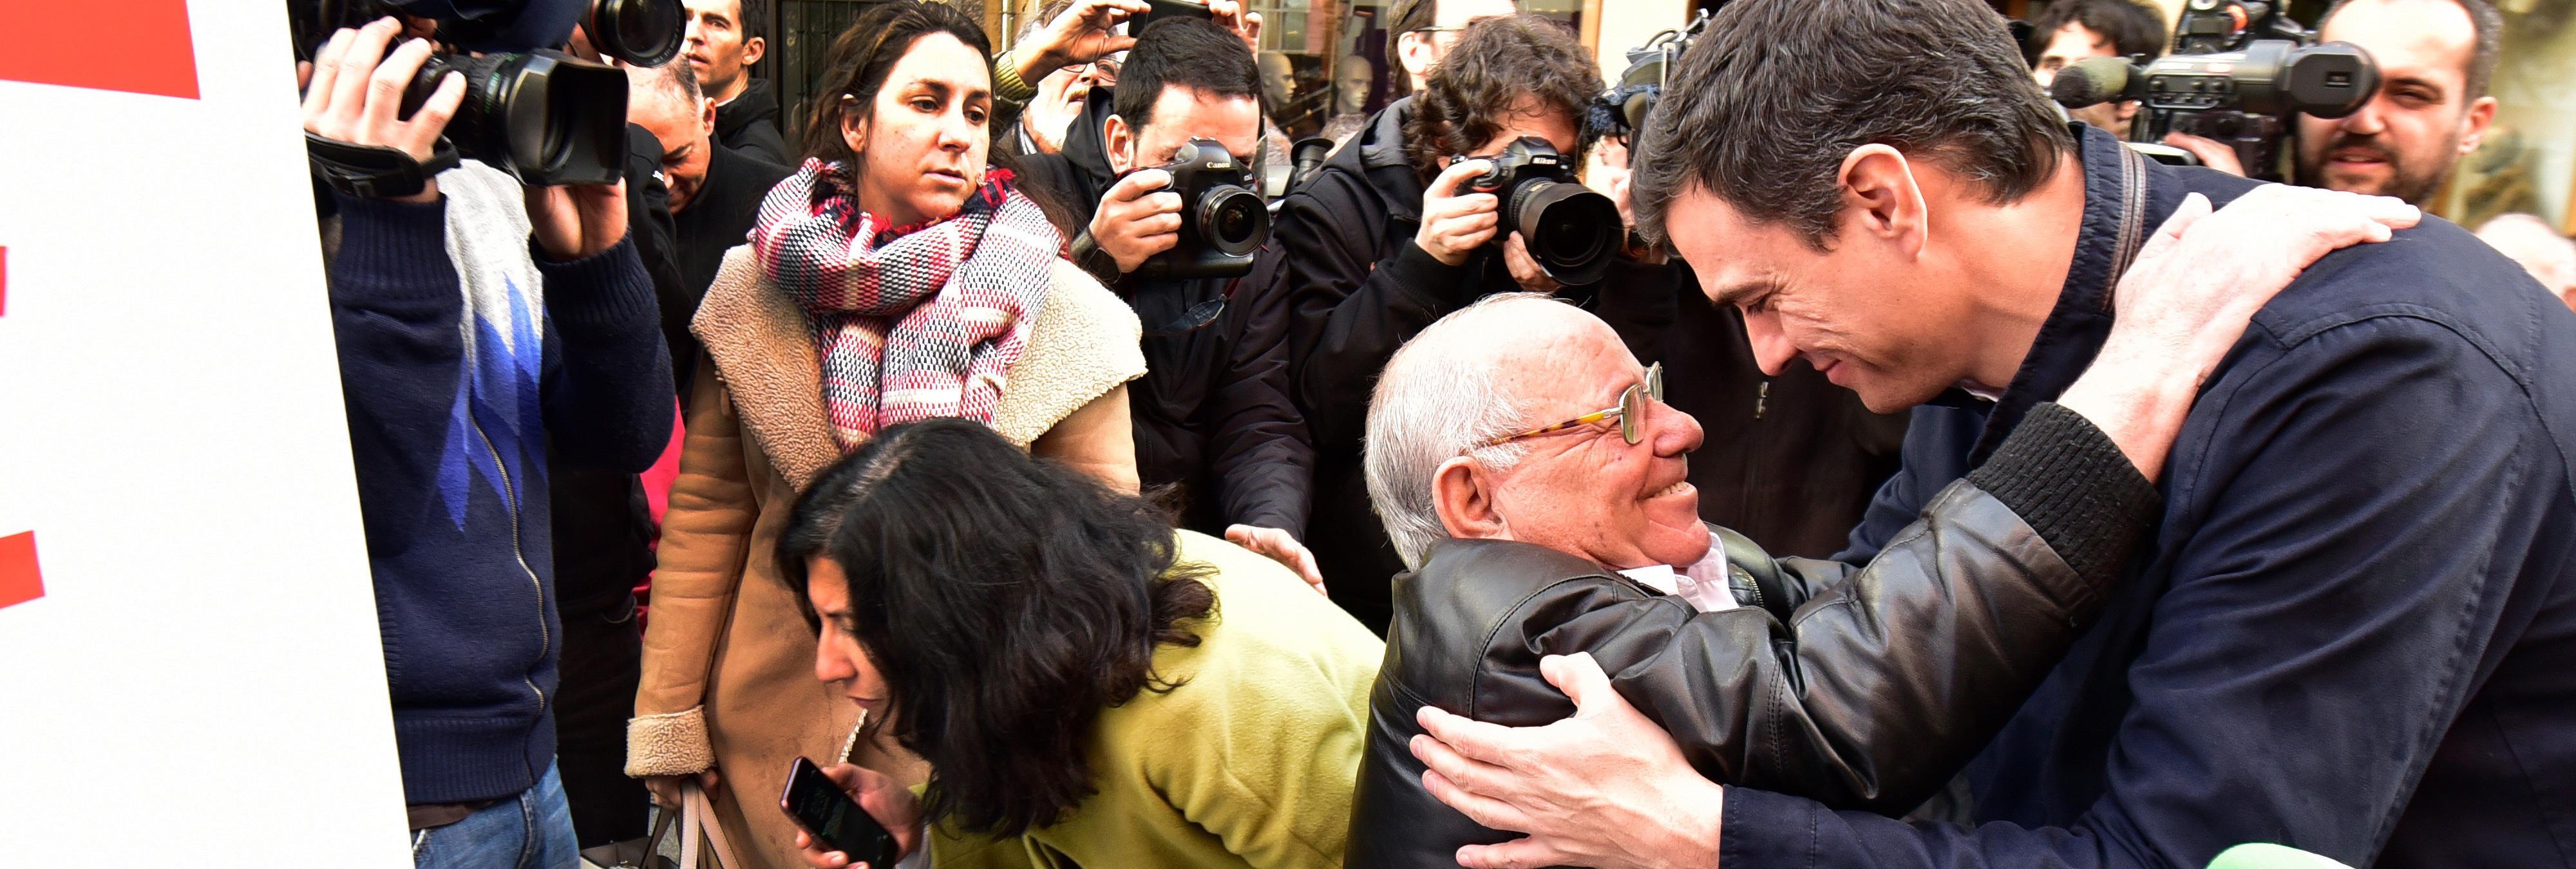 Un anciano de Pontevedra sufre un ataque de nervios tras conocer la candidatura de Pedro Sánchez